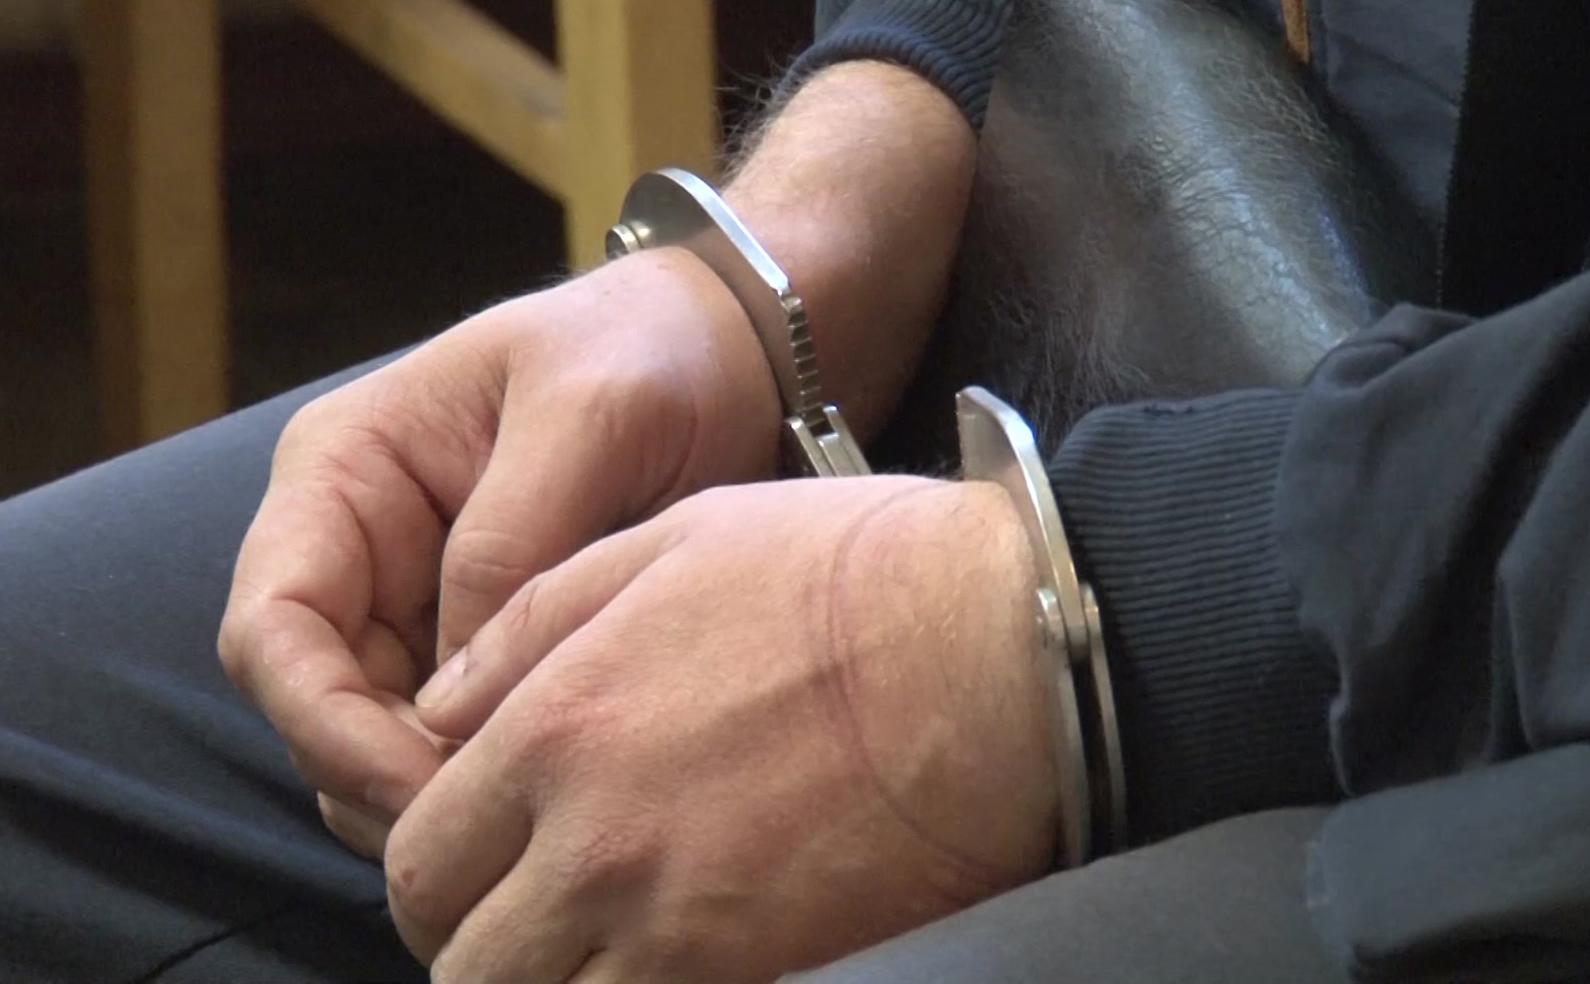 Замначальника отдела ФСБ задержали в Клину за взятку